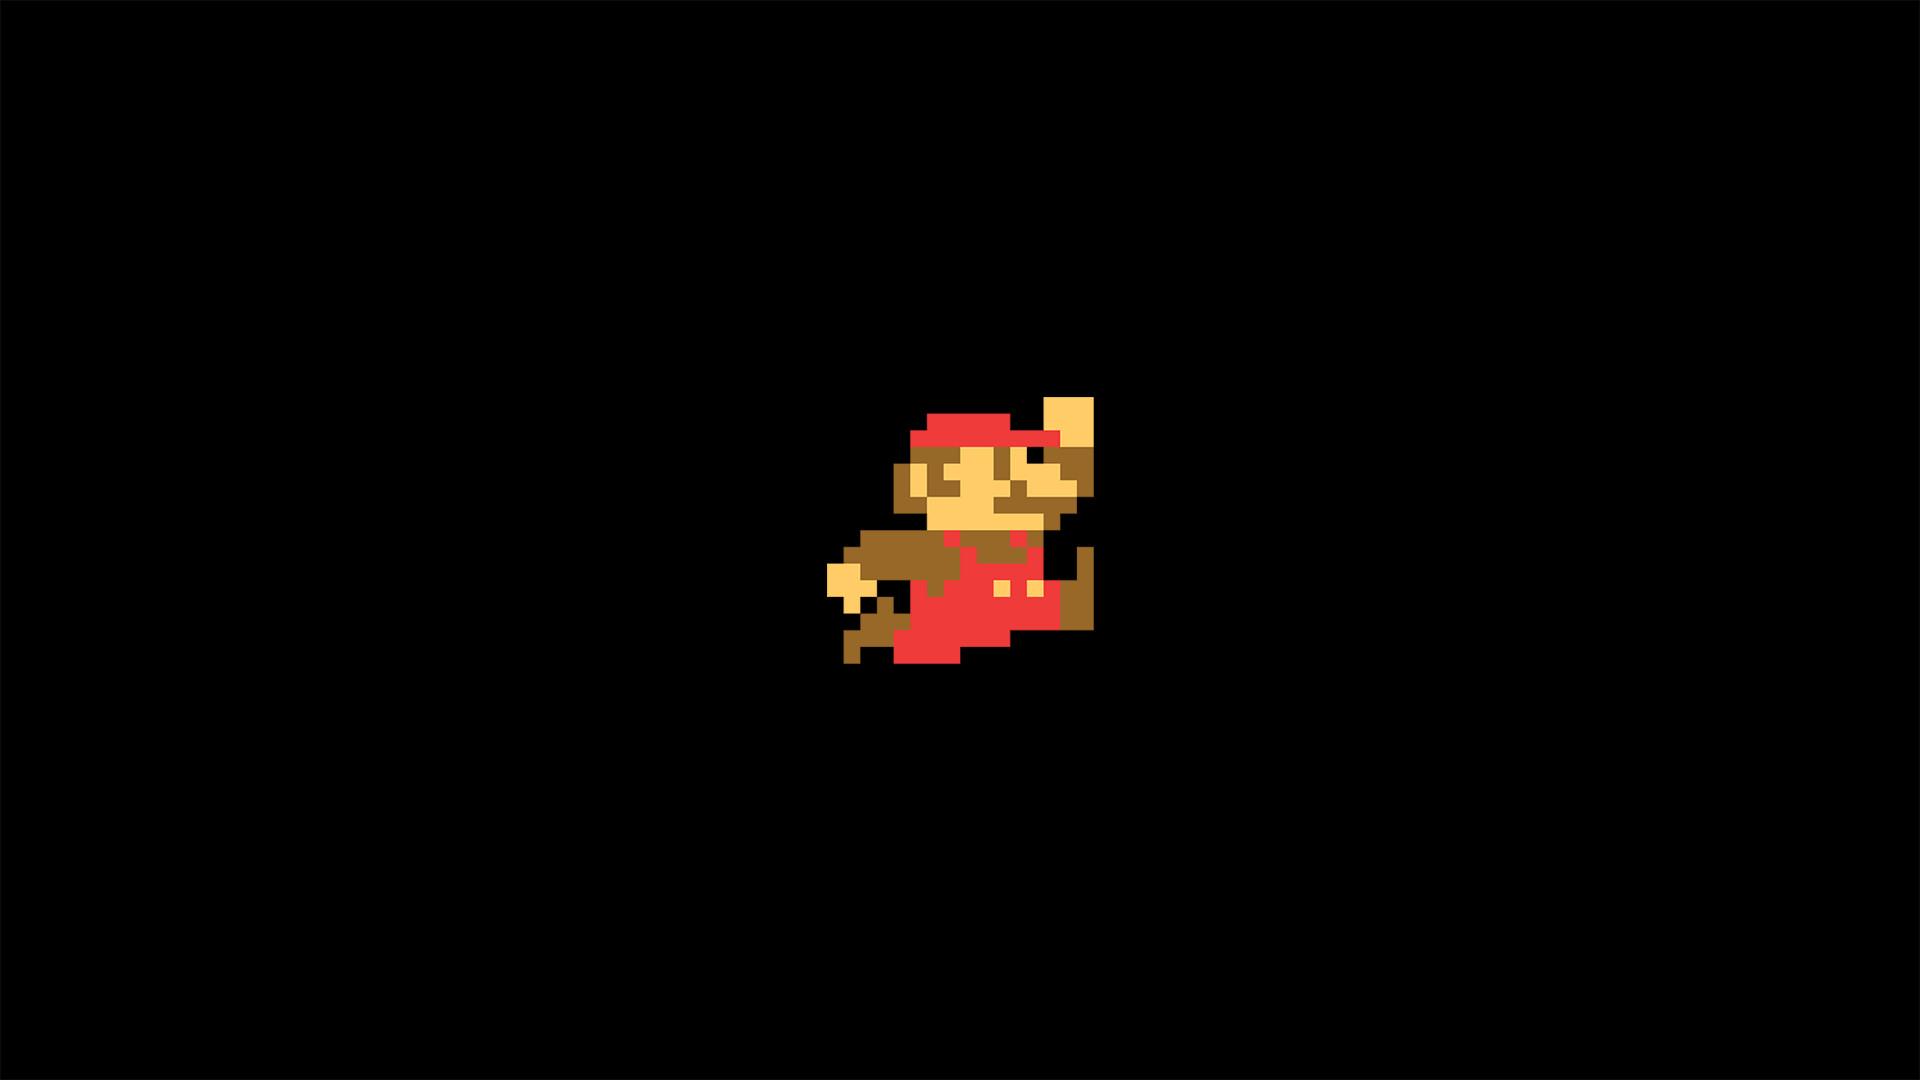 General 8-bit Super Mario minimalism video games pixels